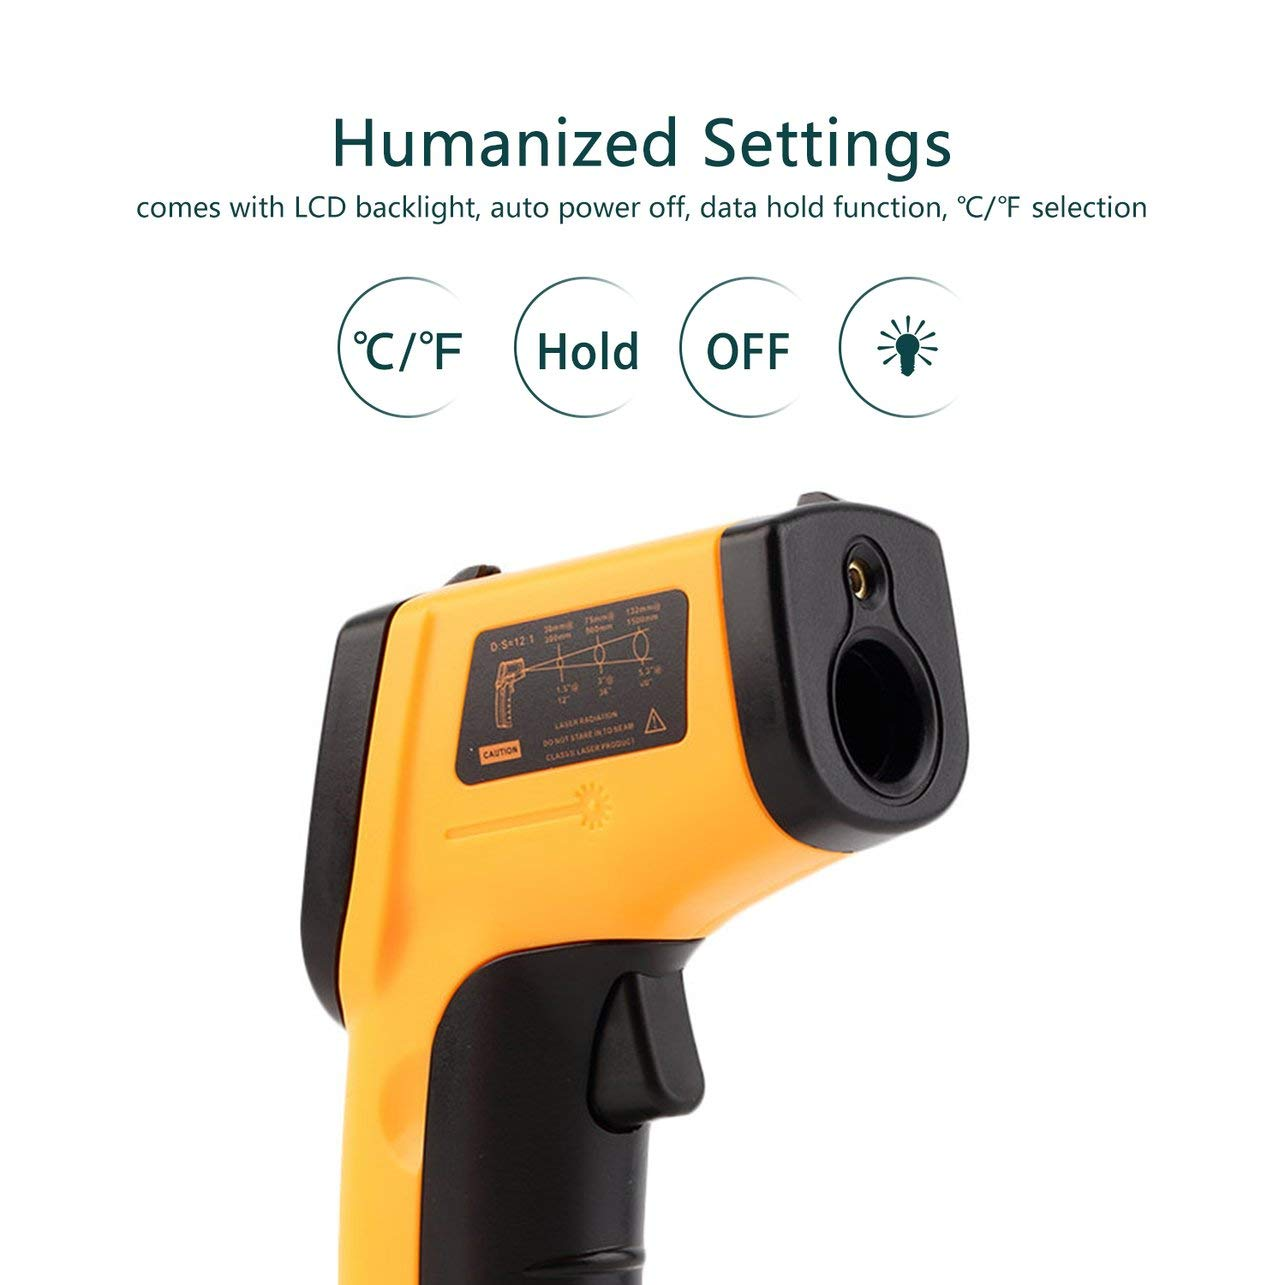 WOSOSYEYO Pirometro termometro a infrarossi Digitale Senza Contatto IR Laser Point Pirometro a infrarossi a Temperatura Termica per Imaging Digitale Pirometro (Colore: Giallo)